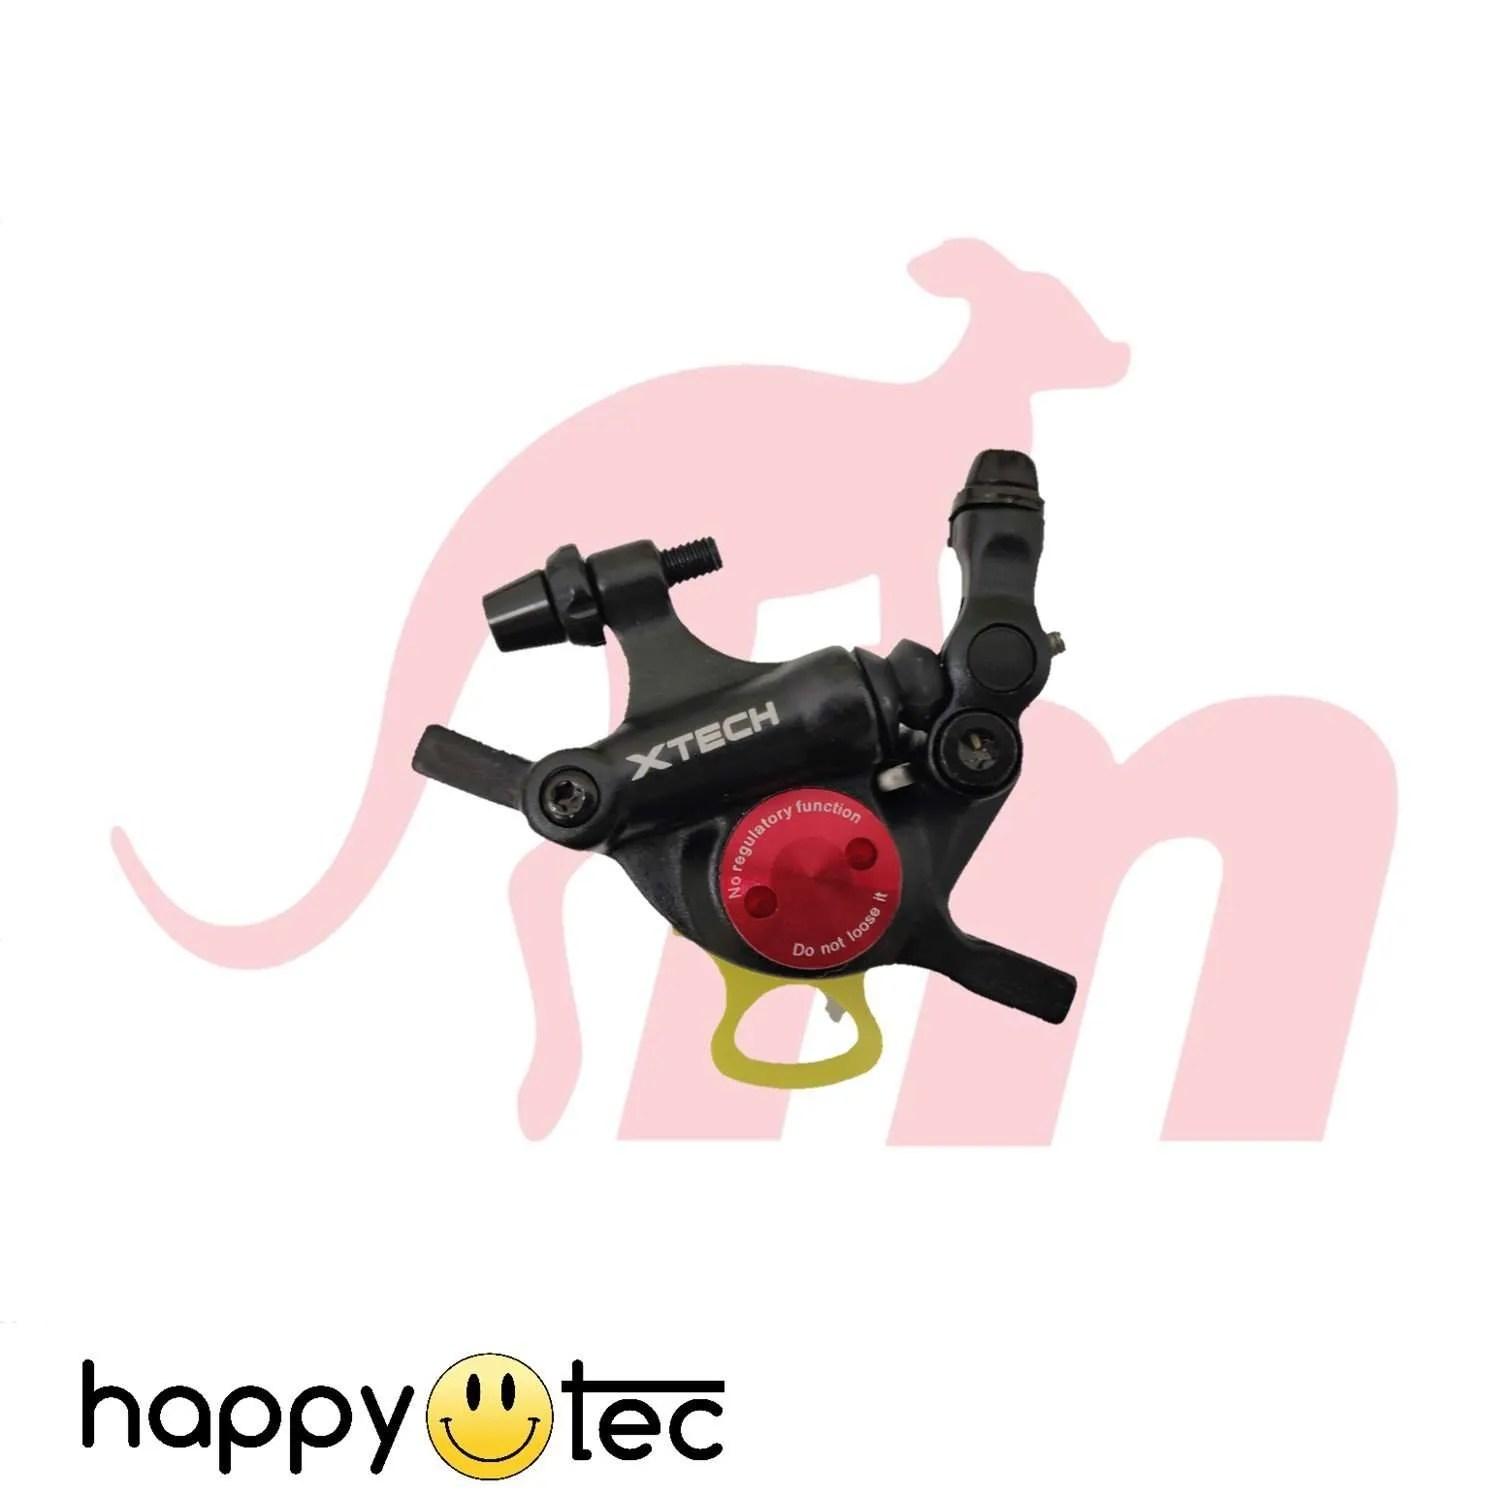 Monorim-Kit-pinza-freno-X-Tech-con-frame-di-supporto-Nero-1 ricambi accessori riparazione assistenza tecnica monopattini elettrici monorim